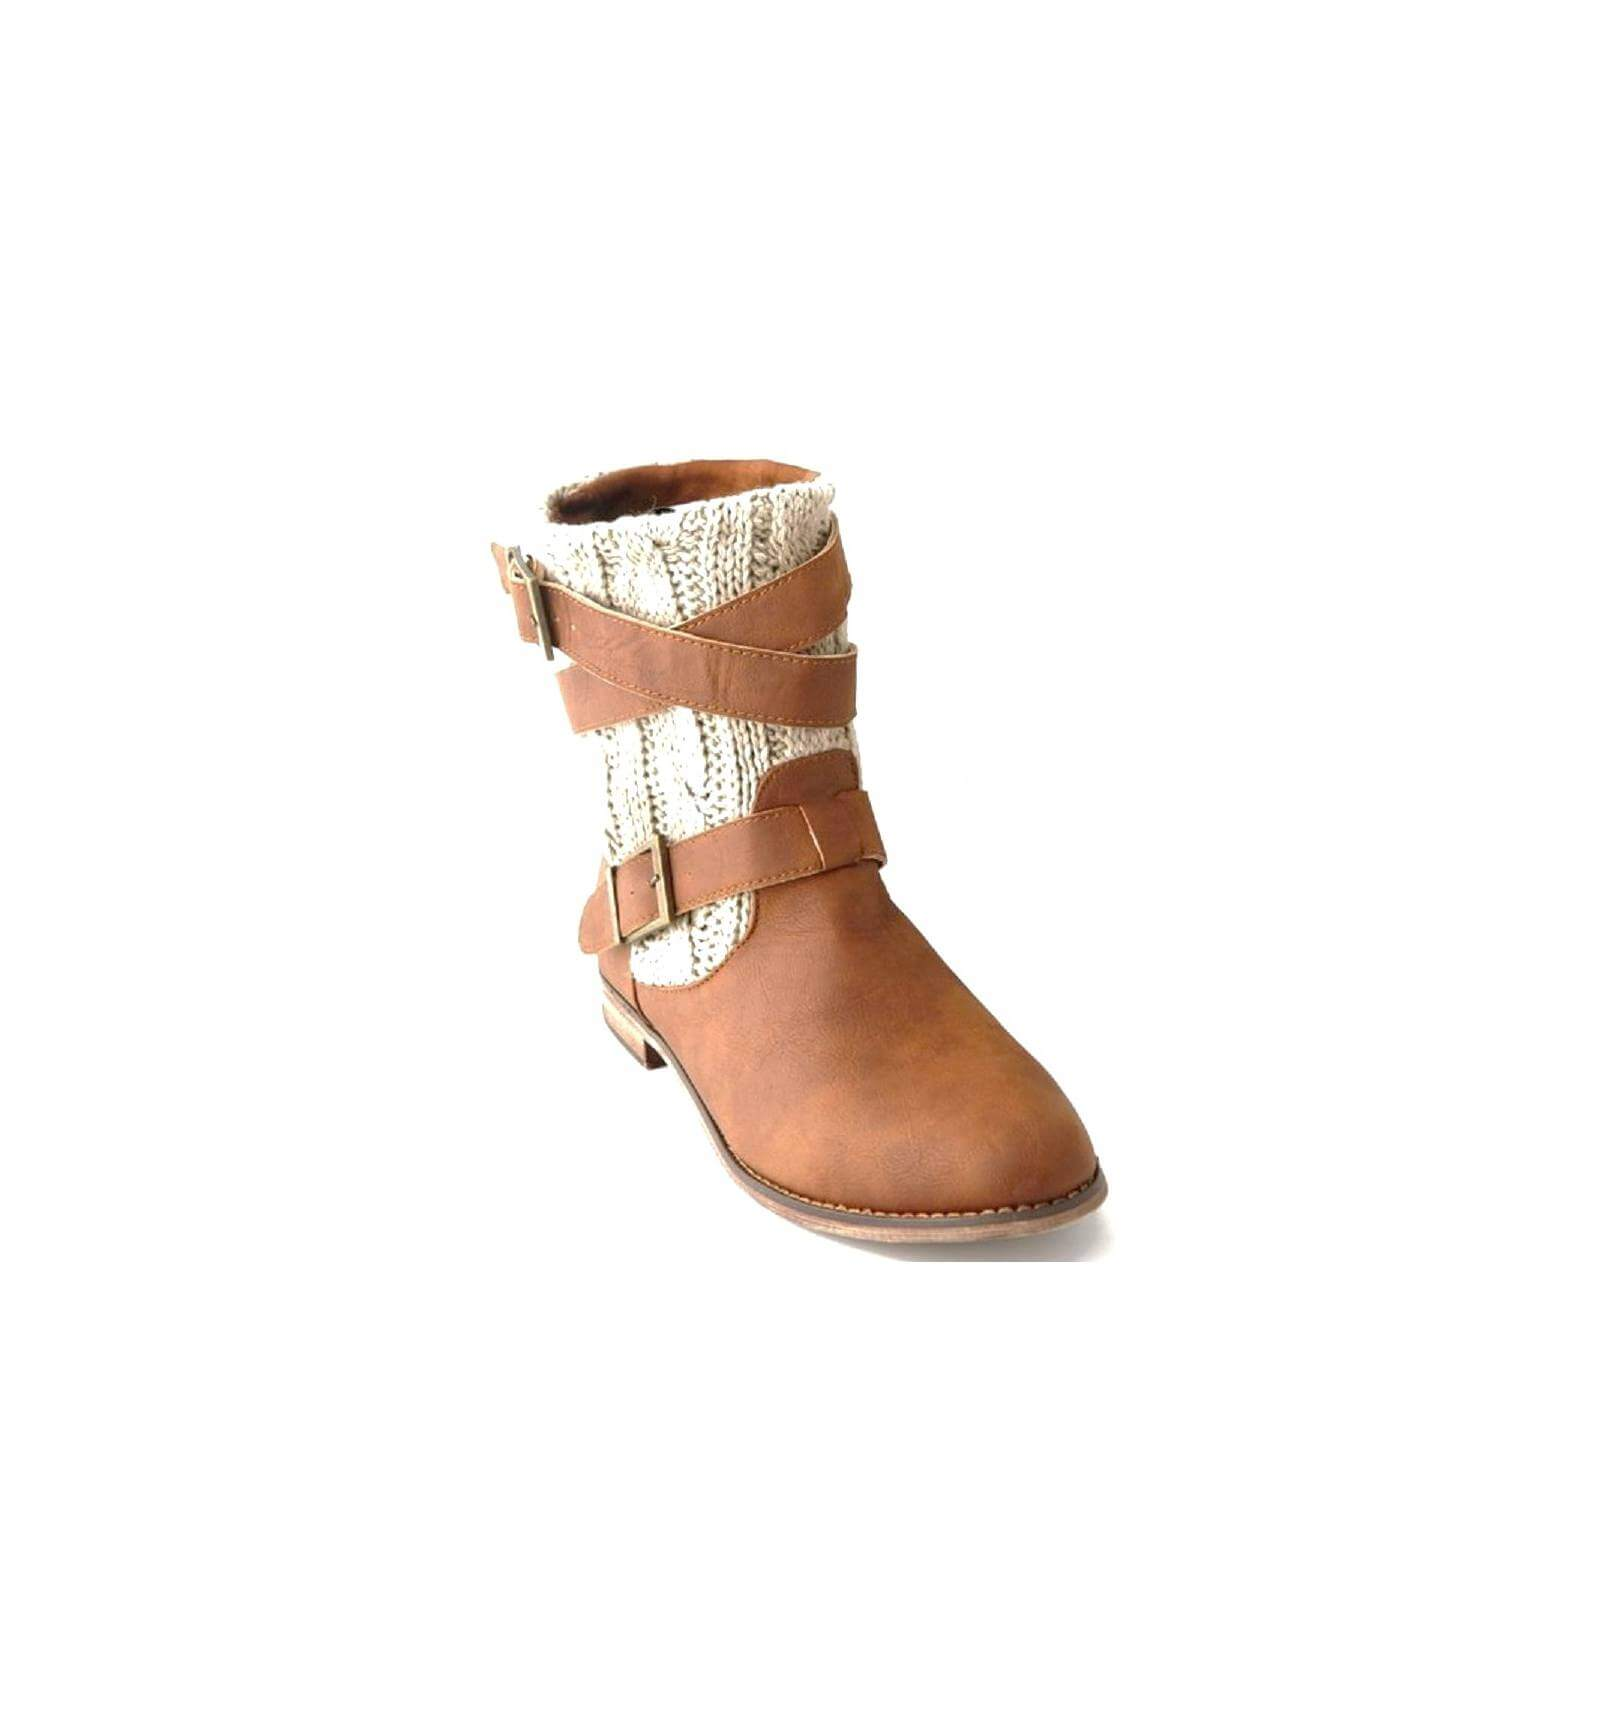 bottine femme en laine et simili cuir brides camel sandra. Black Bedroom Furniture Sets. Home Design Ideas